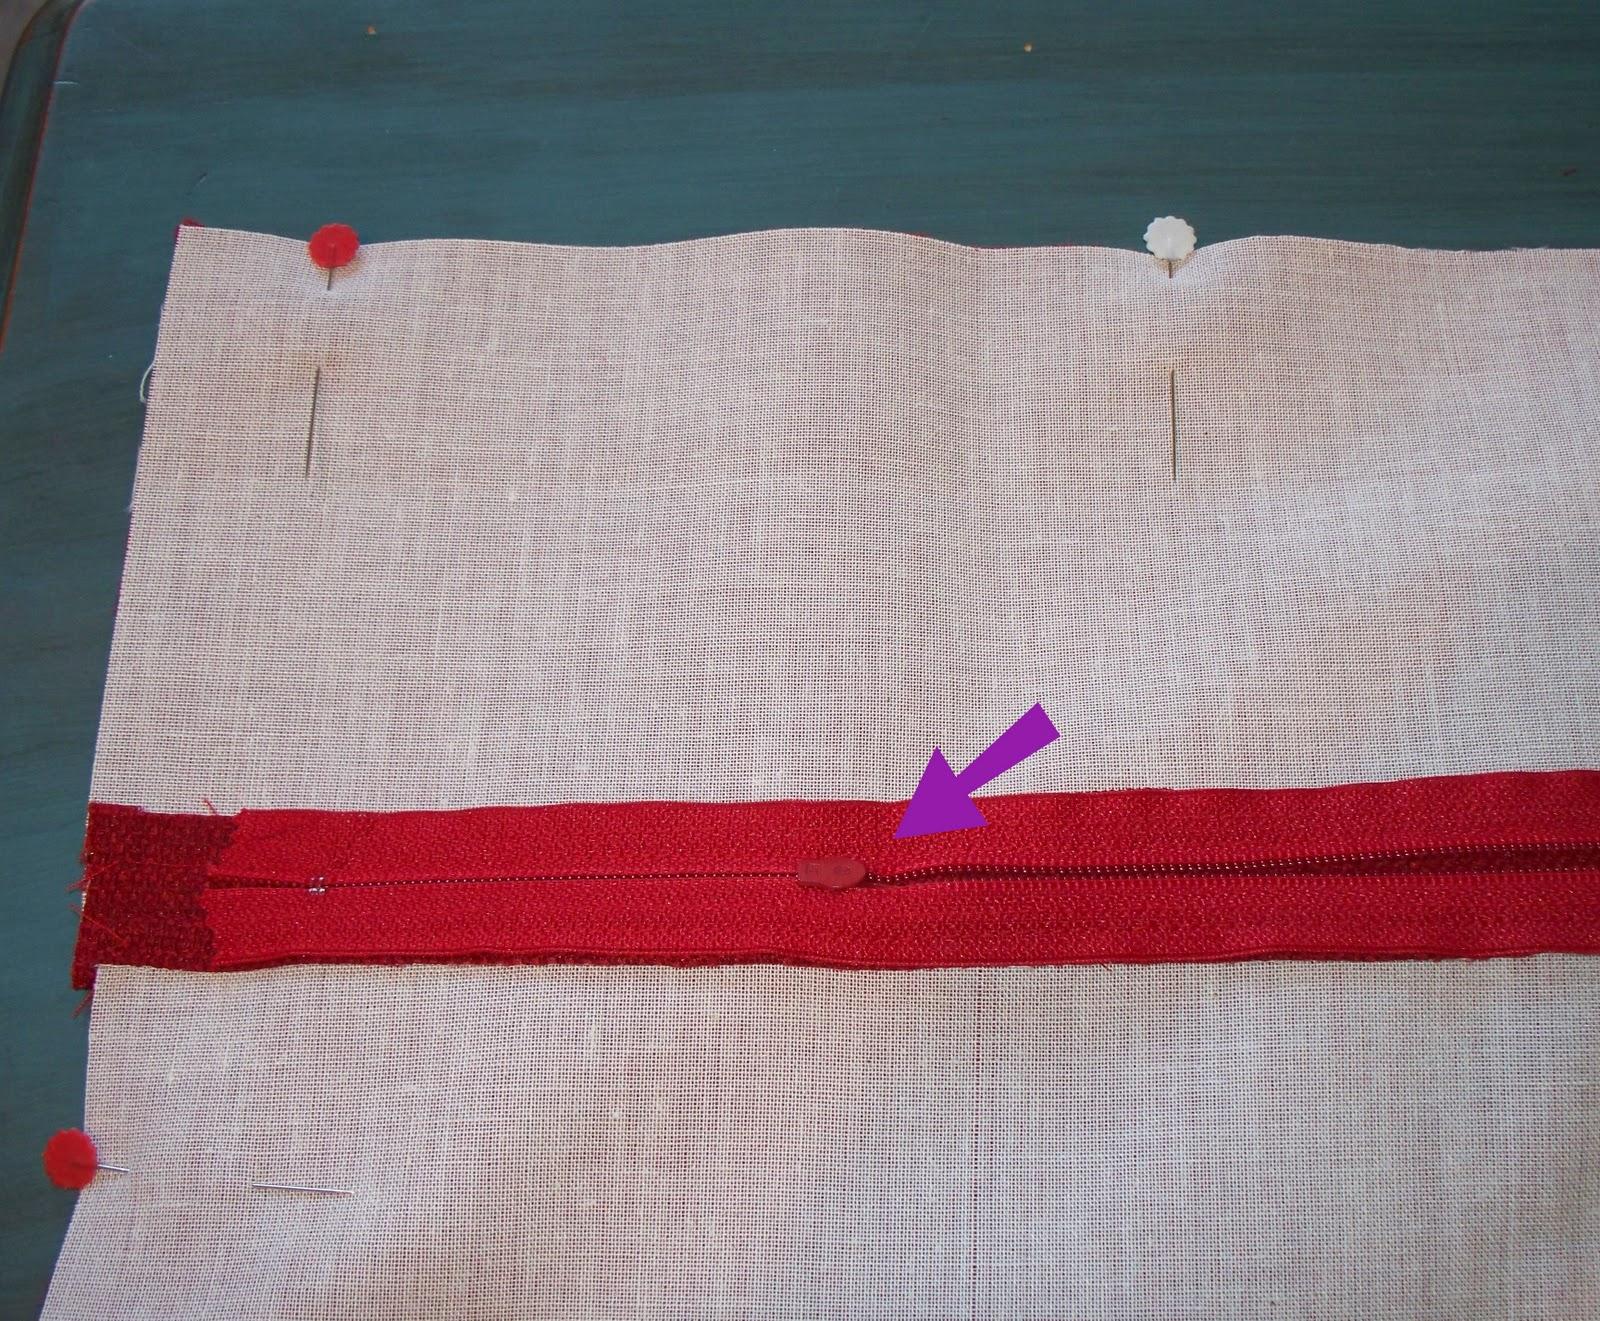 Krista Sew Inspired Pillow Cover With Hidden Zipper